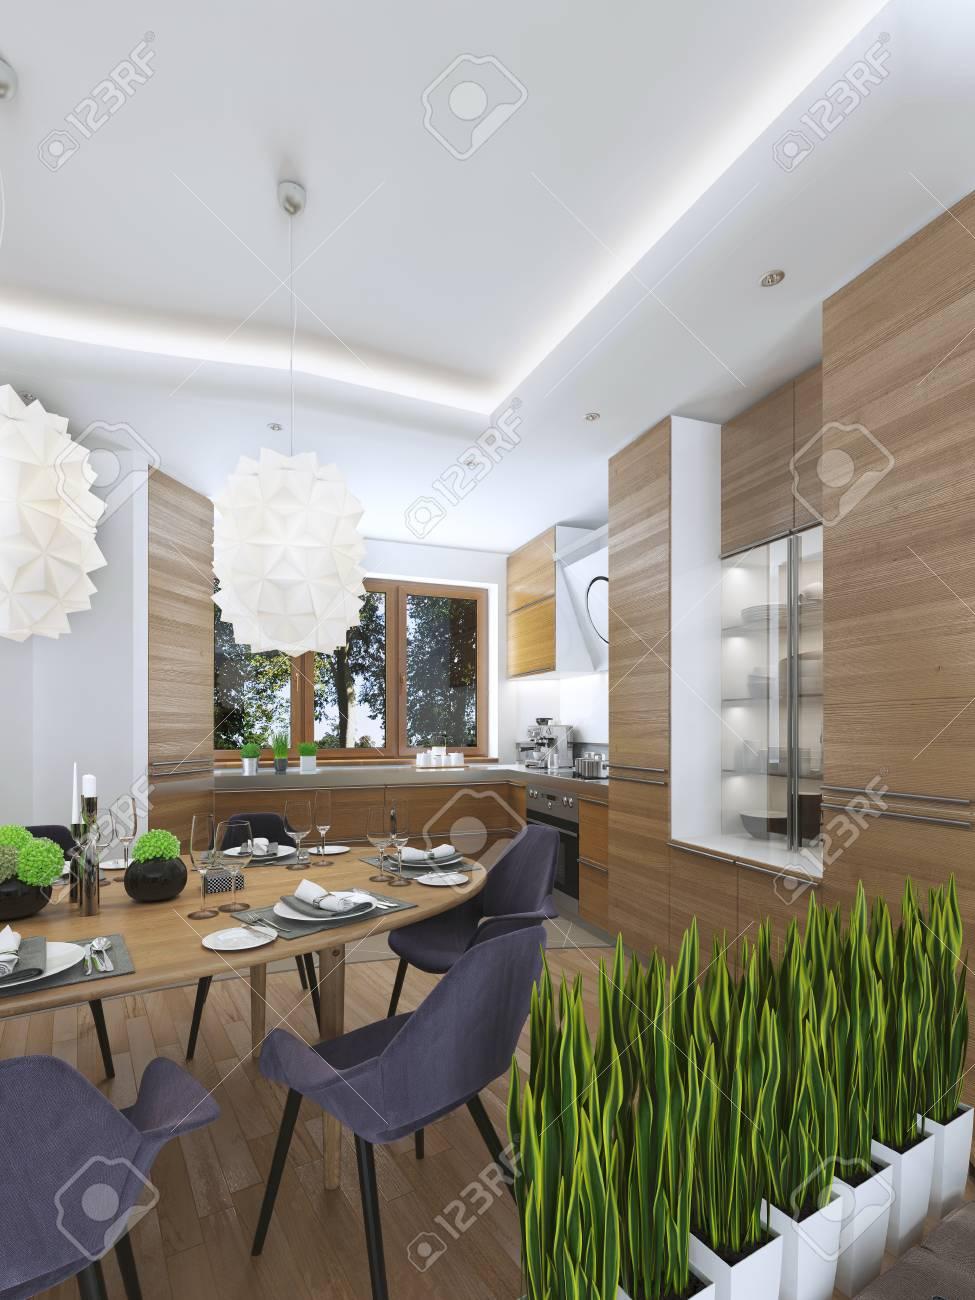 Wohnküche Design In Einem Modernen Stil Mit Einem Esstisch Und ...